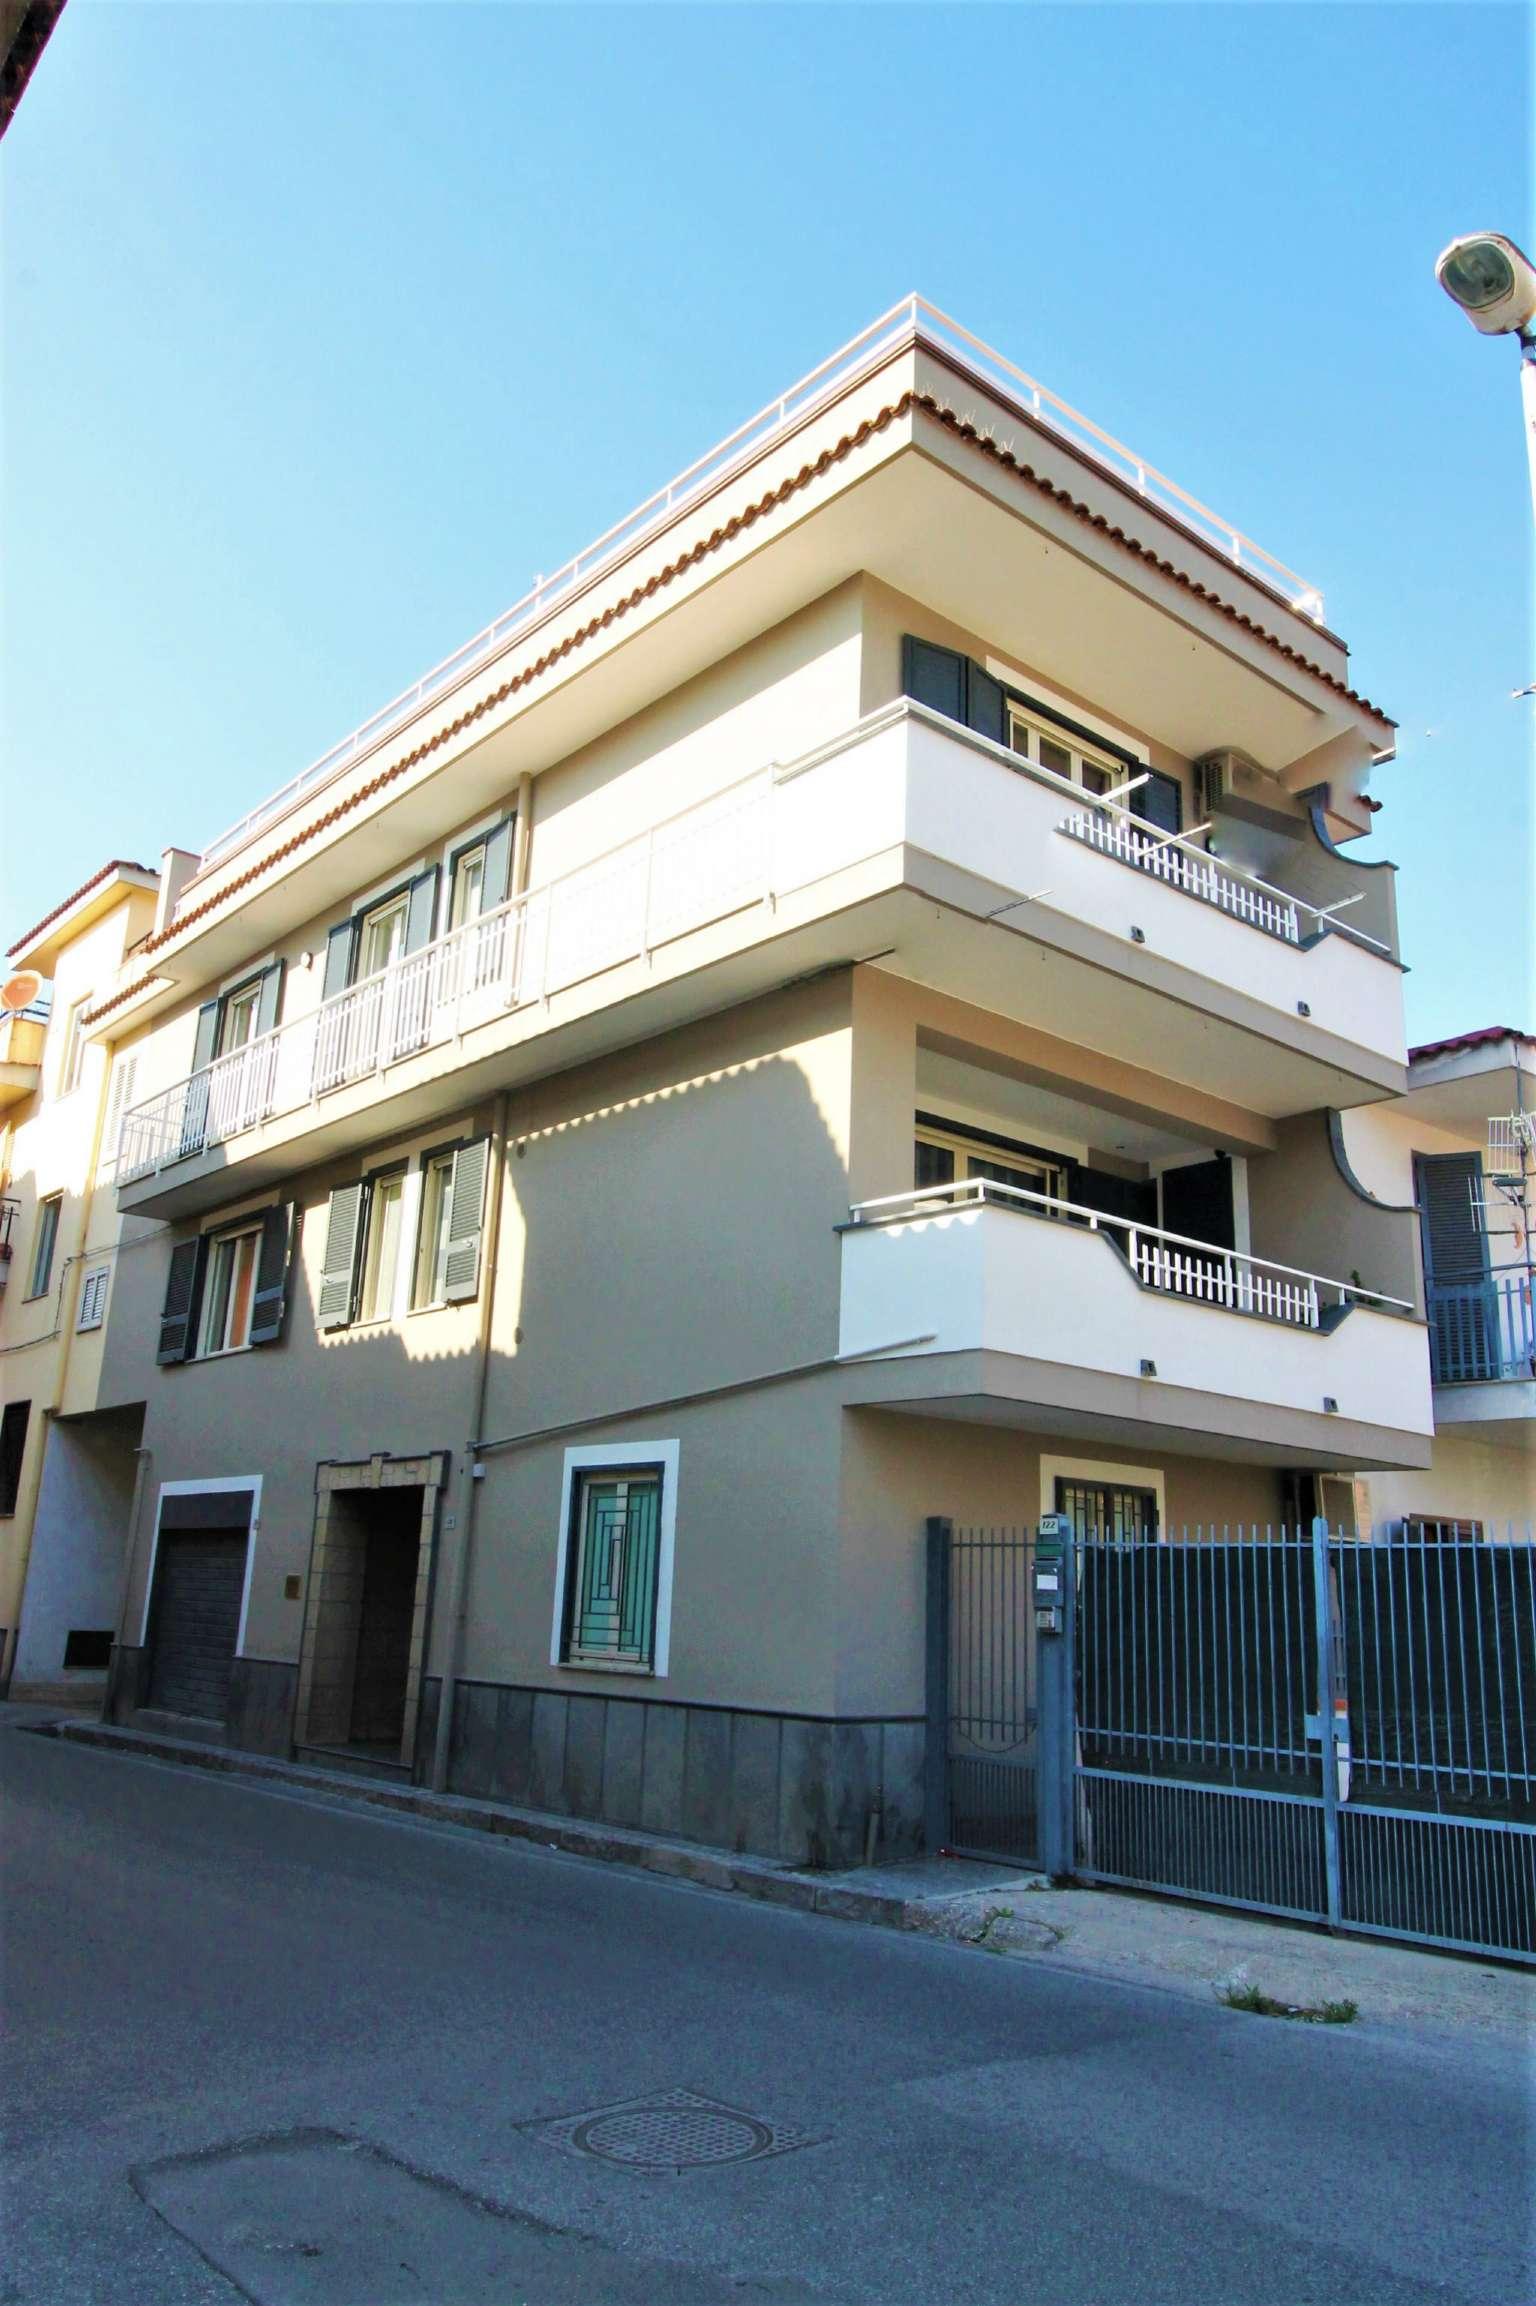 Soluzione Indipendente in vendita a San Vitaliano, 4 locali, prezzo € 265.000 | Cambio Casa.it